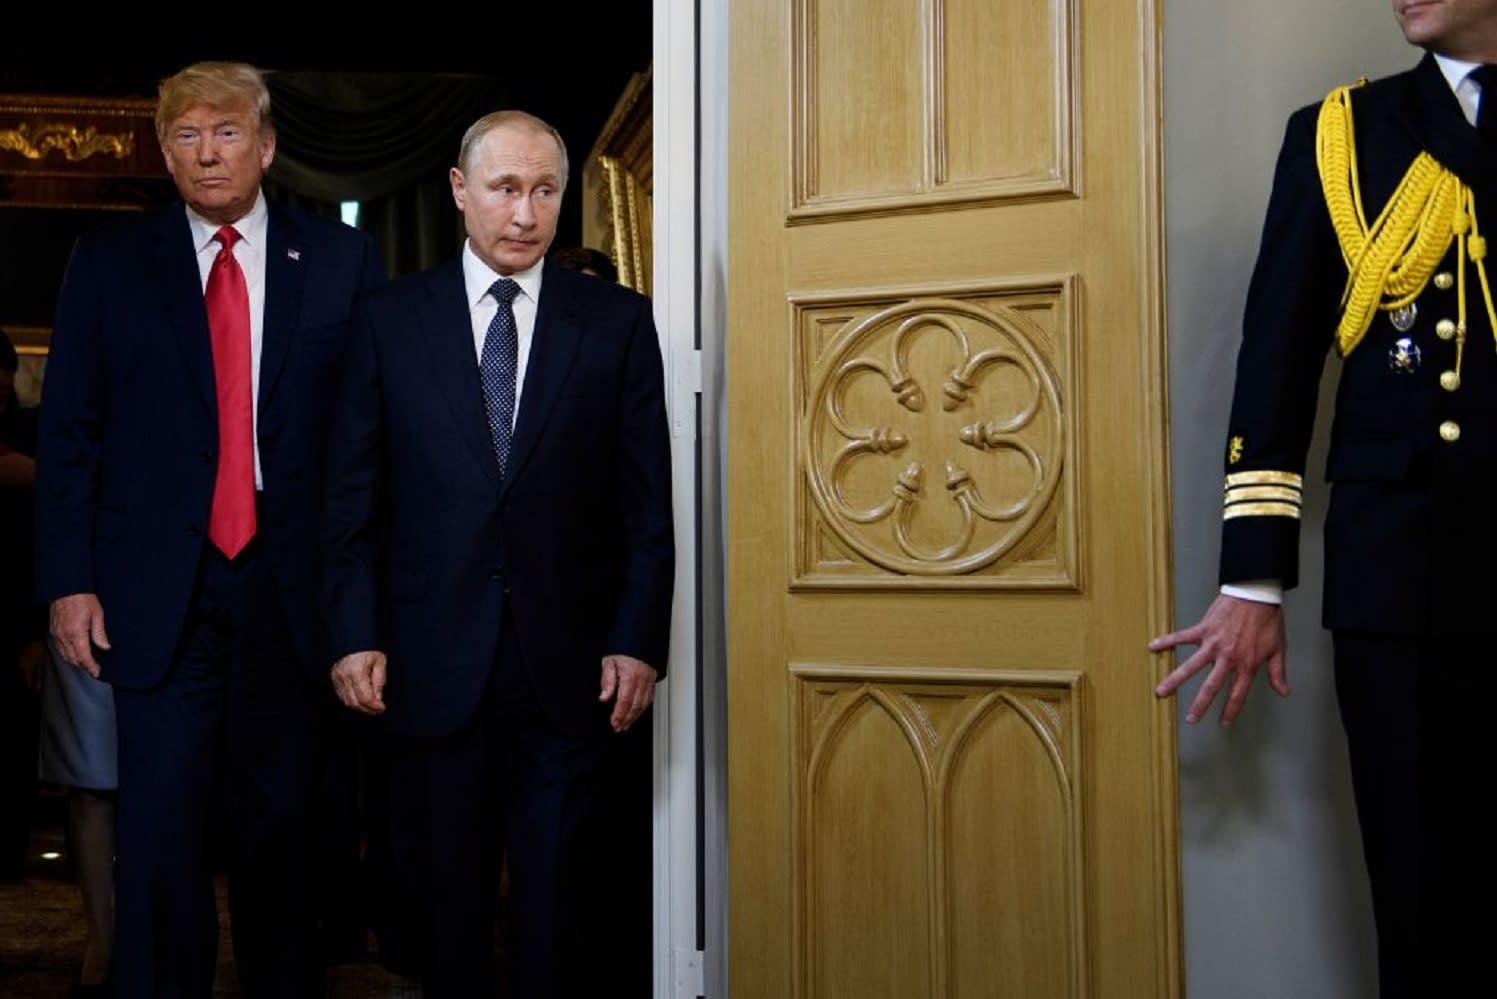 واشنطن تتهم روسية بمحاول التدخل في الانتخابات النصفية 2018